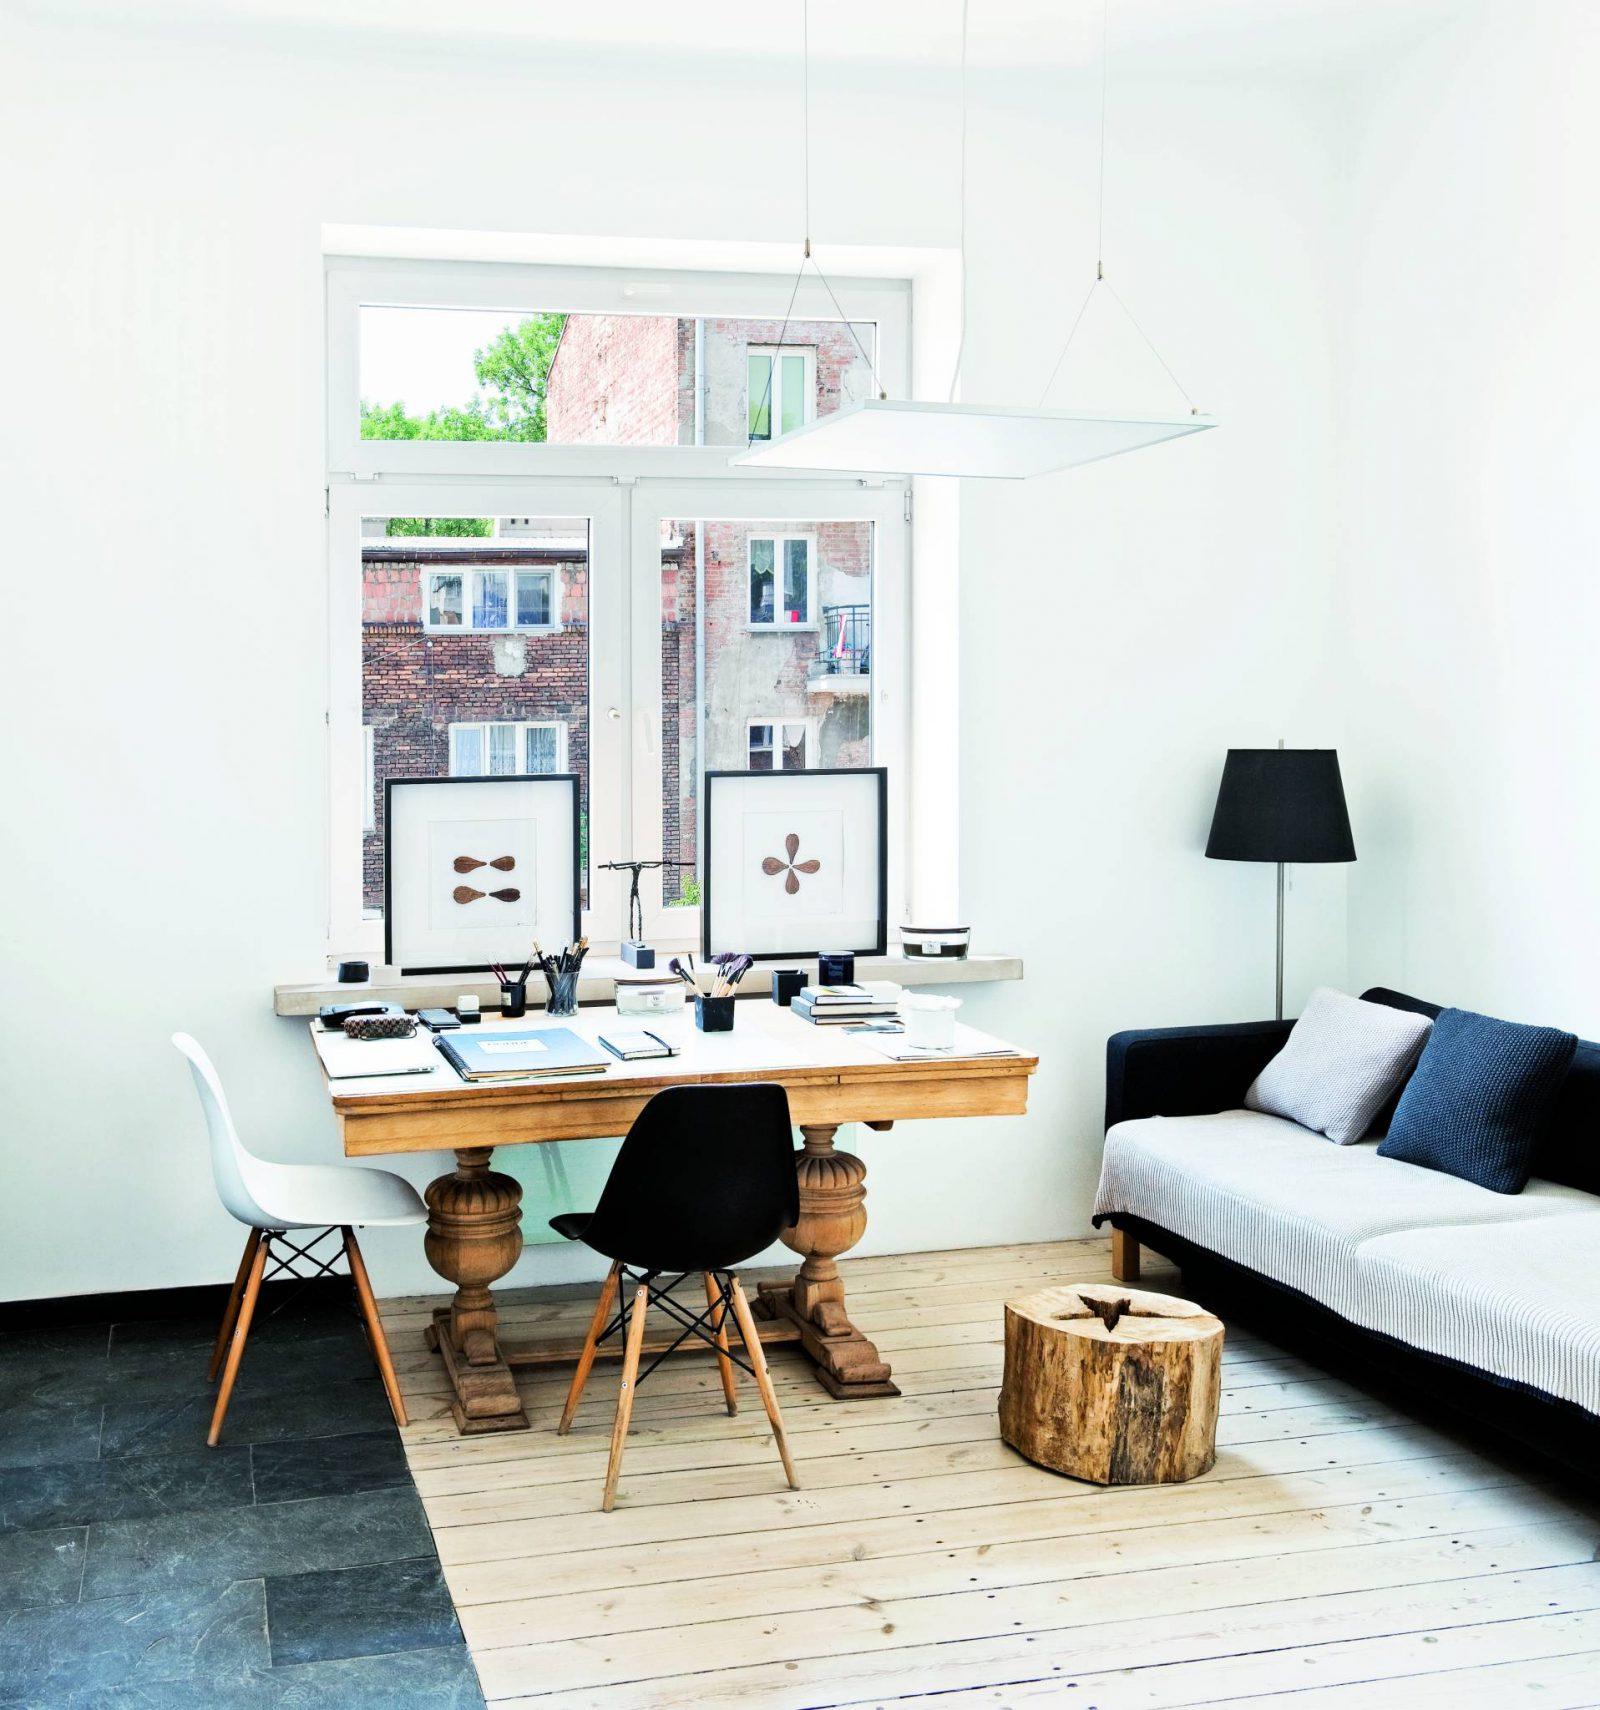 Wnętrza galerii: białe ściany i piece, jasne drewniane podłogi i okna z widokiem na ceglane praskie kamienice. (Fot. Jakub Pajewski; Stylizacja: Basia Dereń-Marzec)